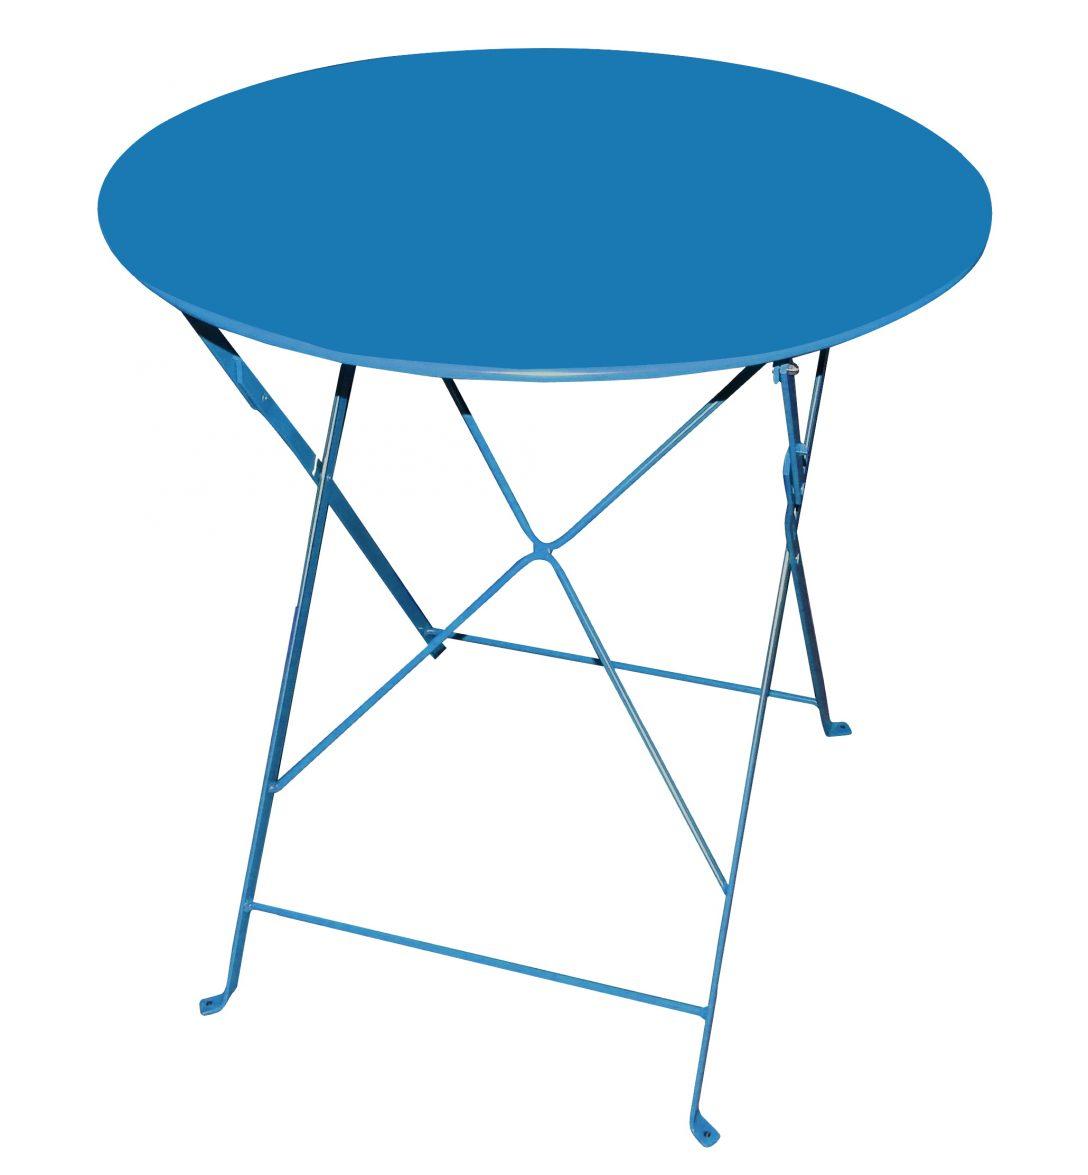 Large Size of Beistelltisch Garten Talenti Metall Tisch Klapptisch 70cm Blau Rund Gartentisch Spielhaus Holz Jacuzzi Relaxsessel Spielgeräte Truhenbank Küche Holztisch Garten Beistelltisch Garten